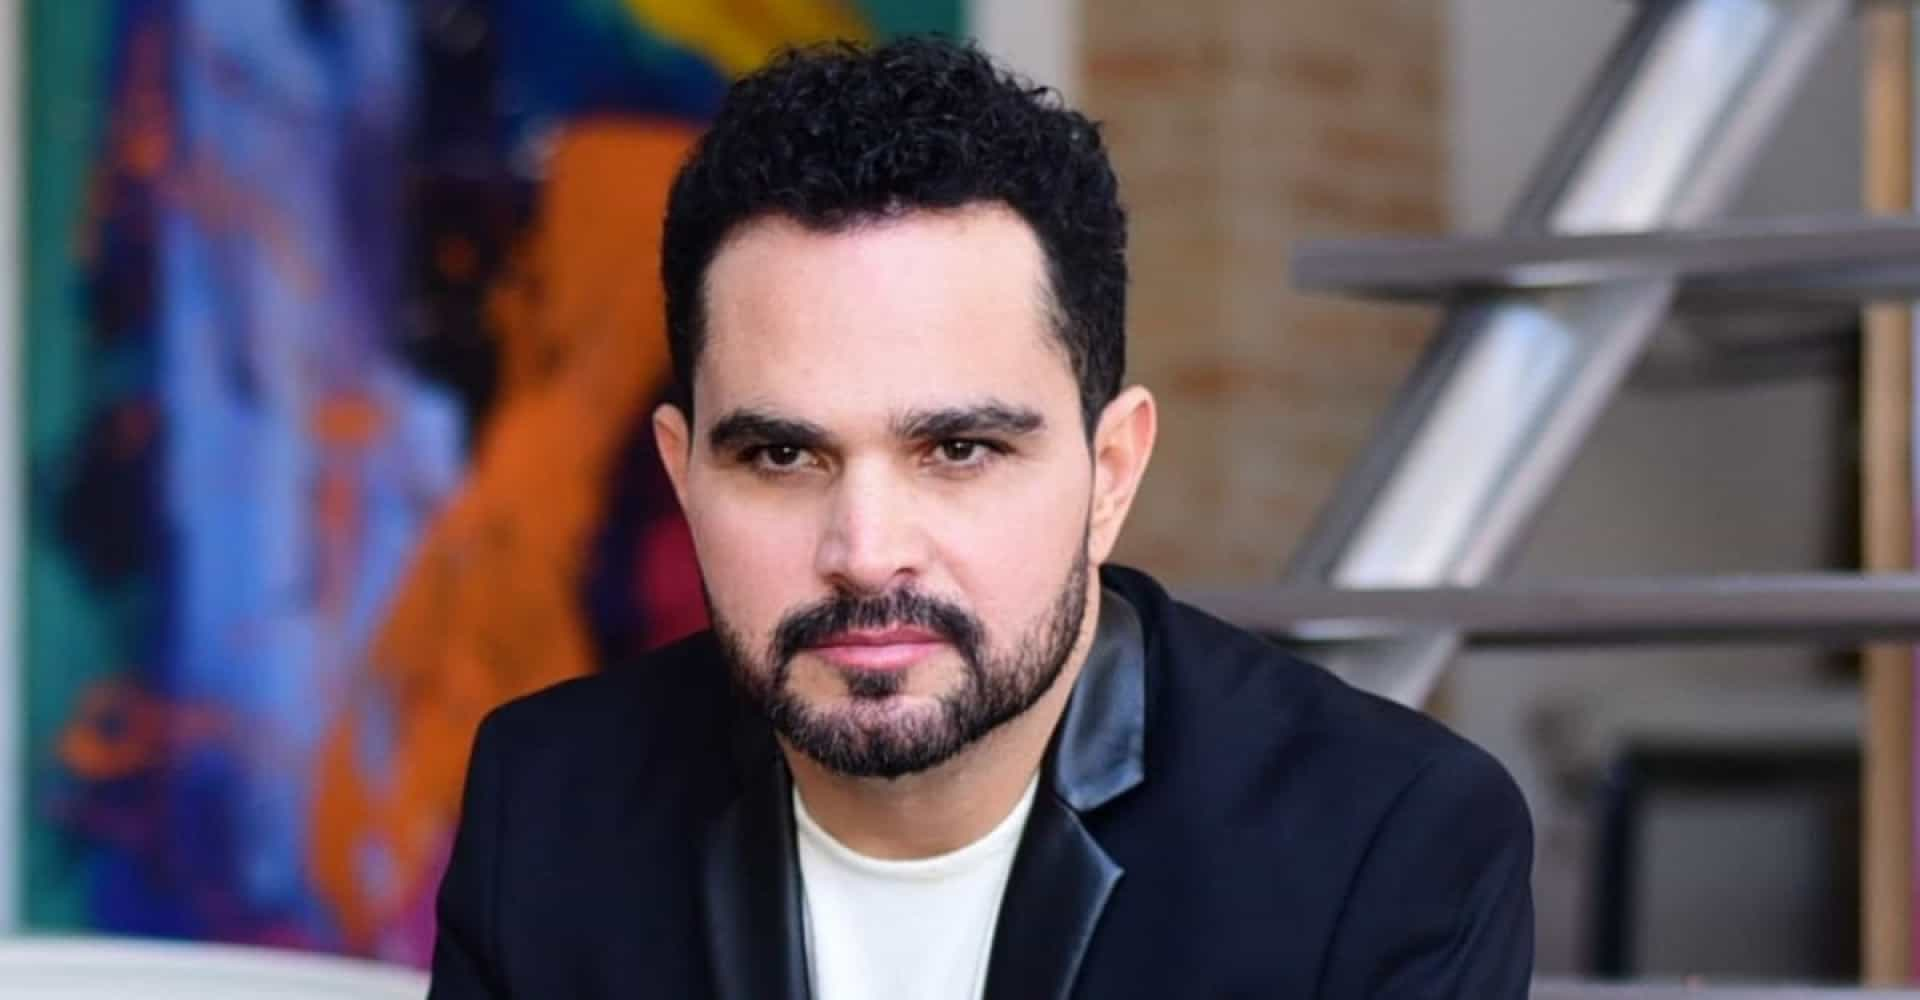 """Ex-esposa afirma que cantor Luciano é gay: """"Me traiu com travestis"""""""